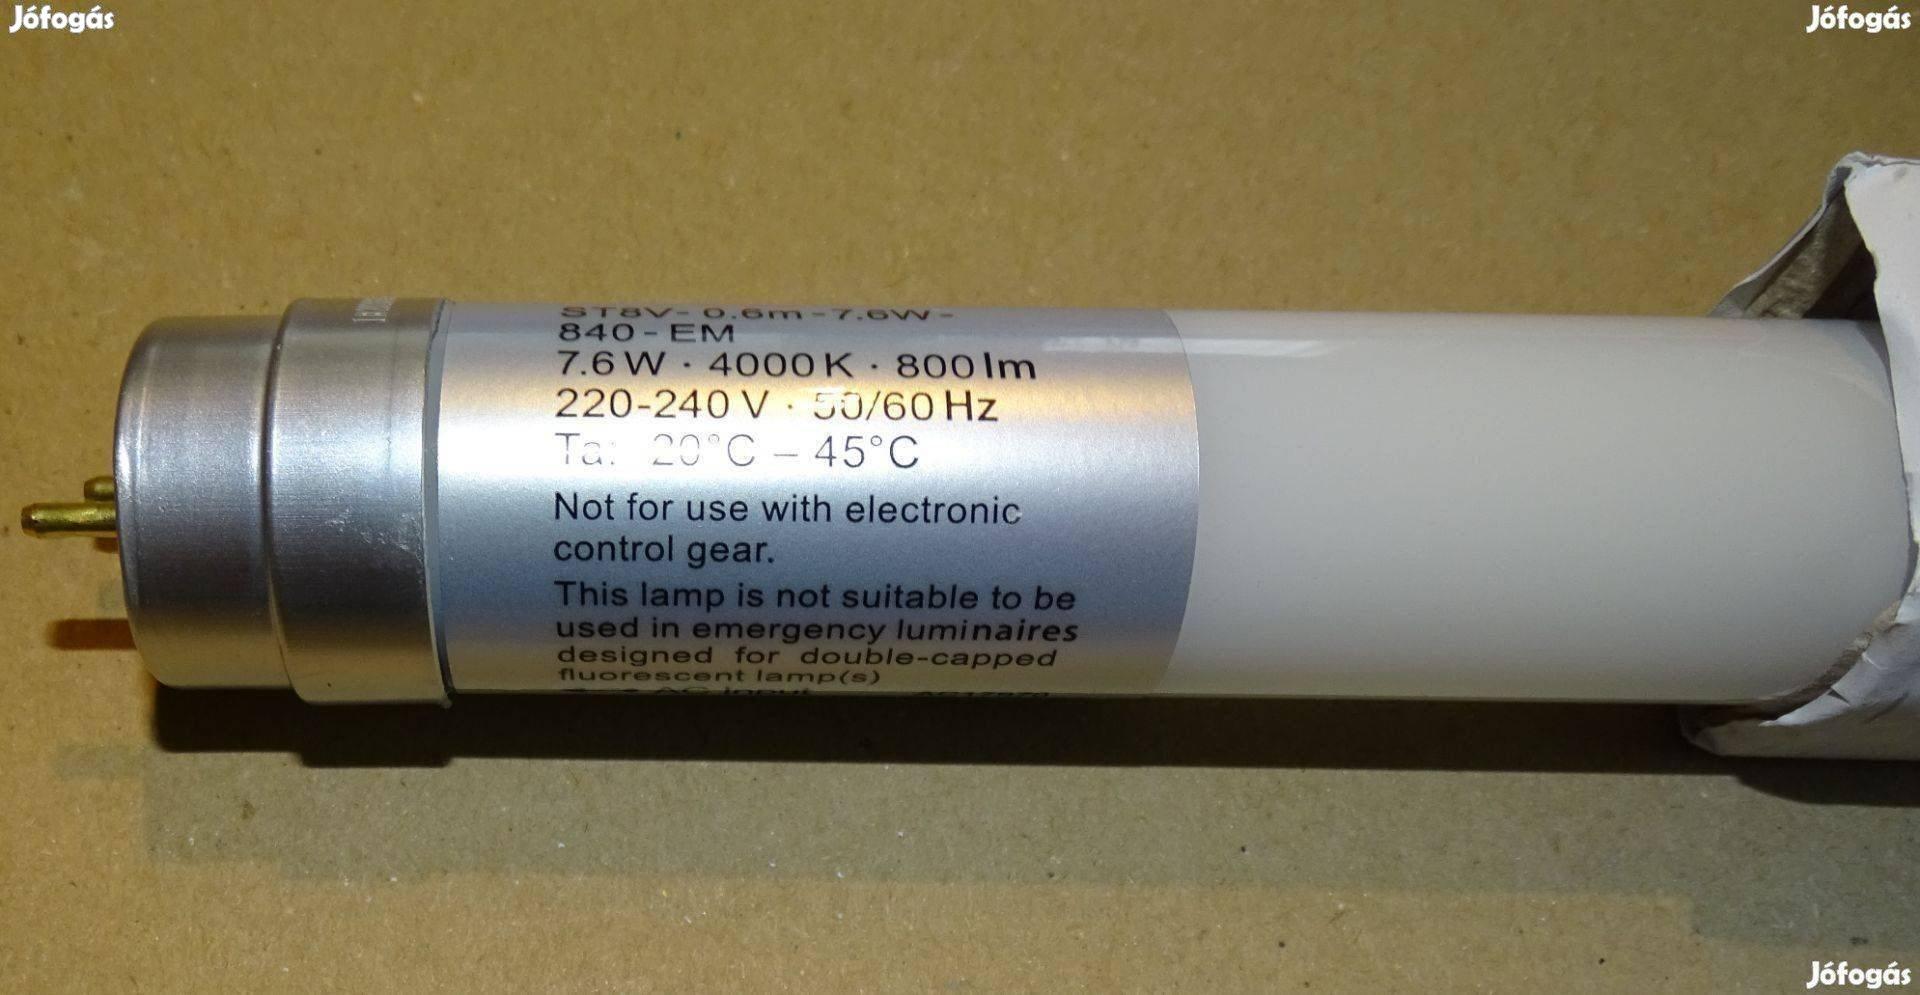 Osram ledes fénycső új ST8V-0.6m-7.6W-840-EM eladó!